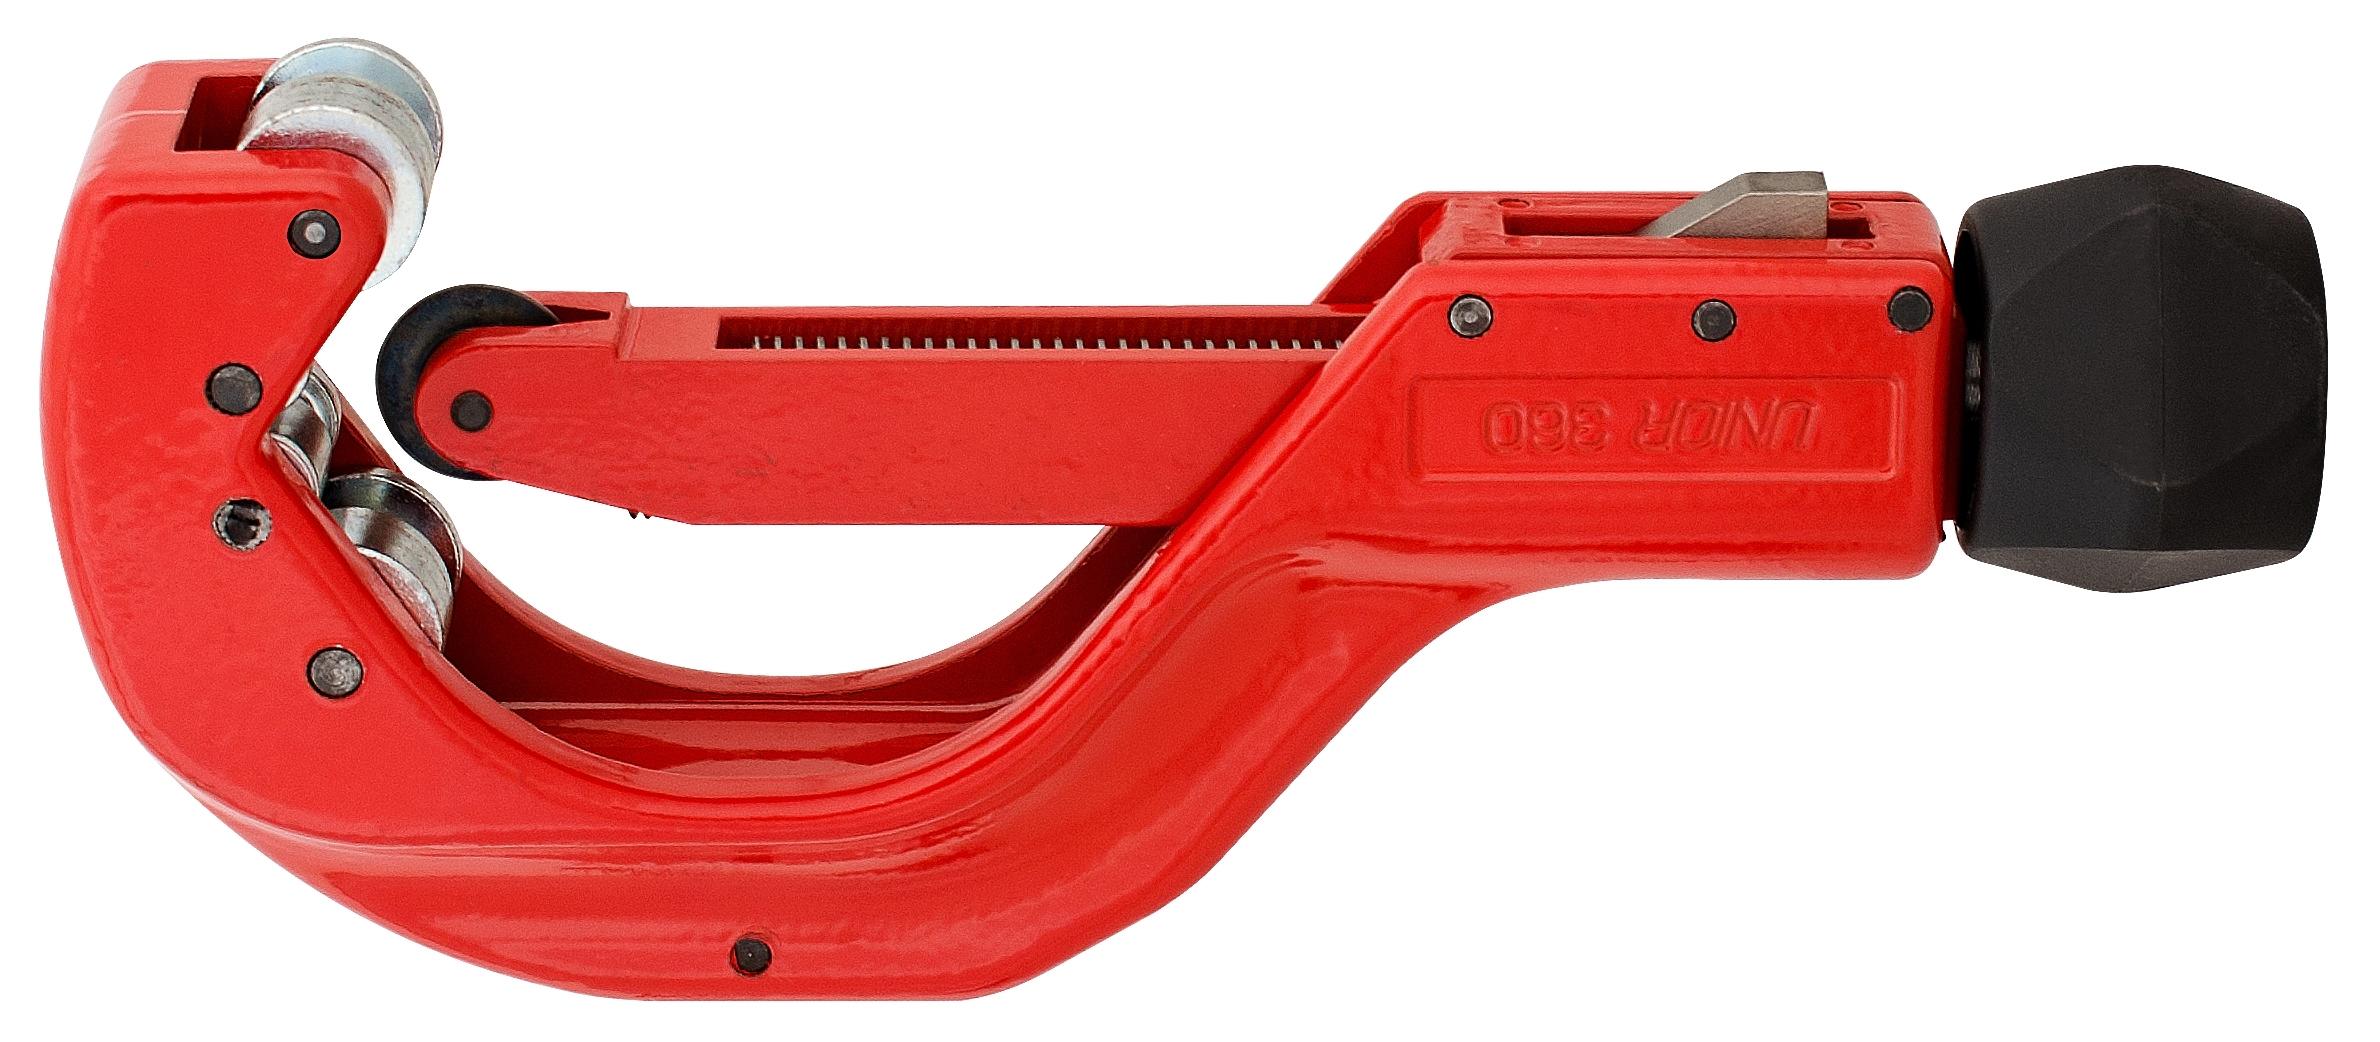 řezačka trubek UNIOR průměru 6-67mm